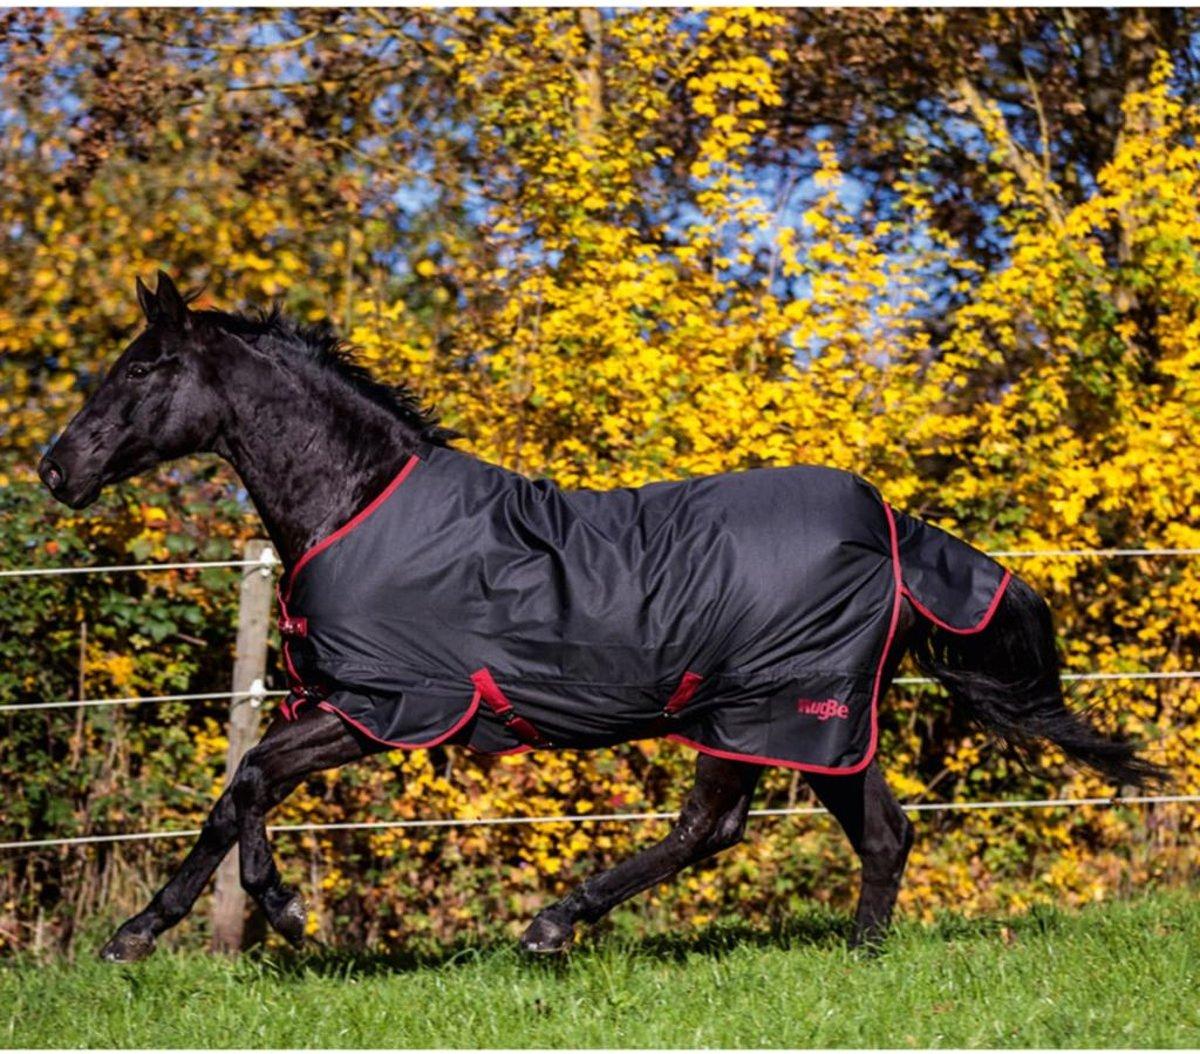 Kerbl Paardendeken Outdoor RugBe Zero 1 - Zwart/rood - 125 cm